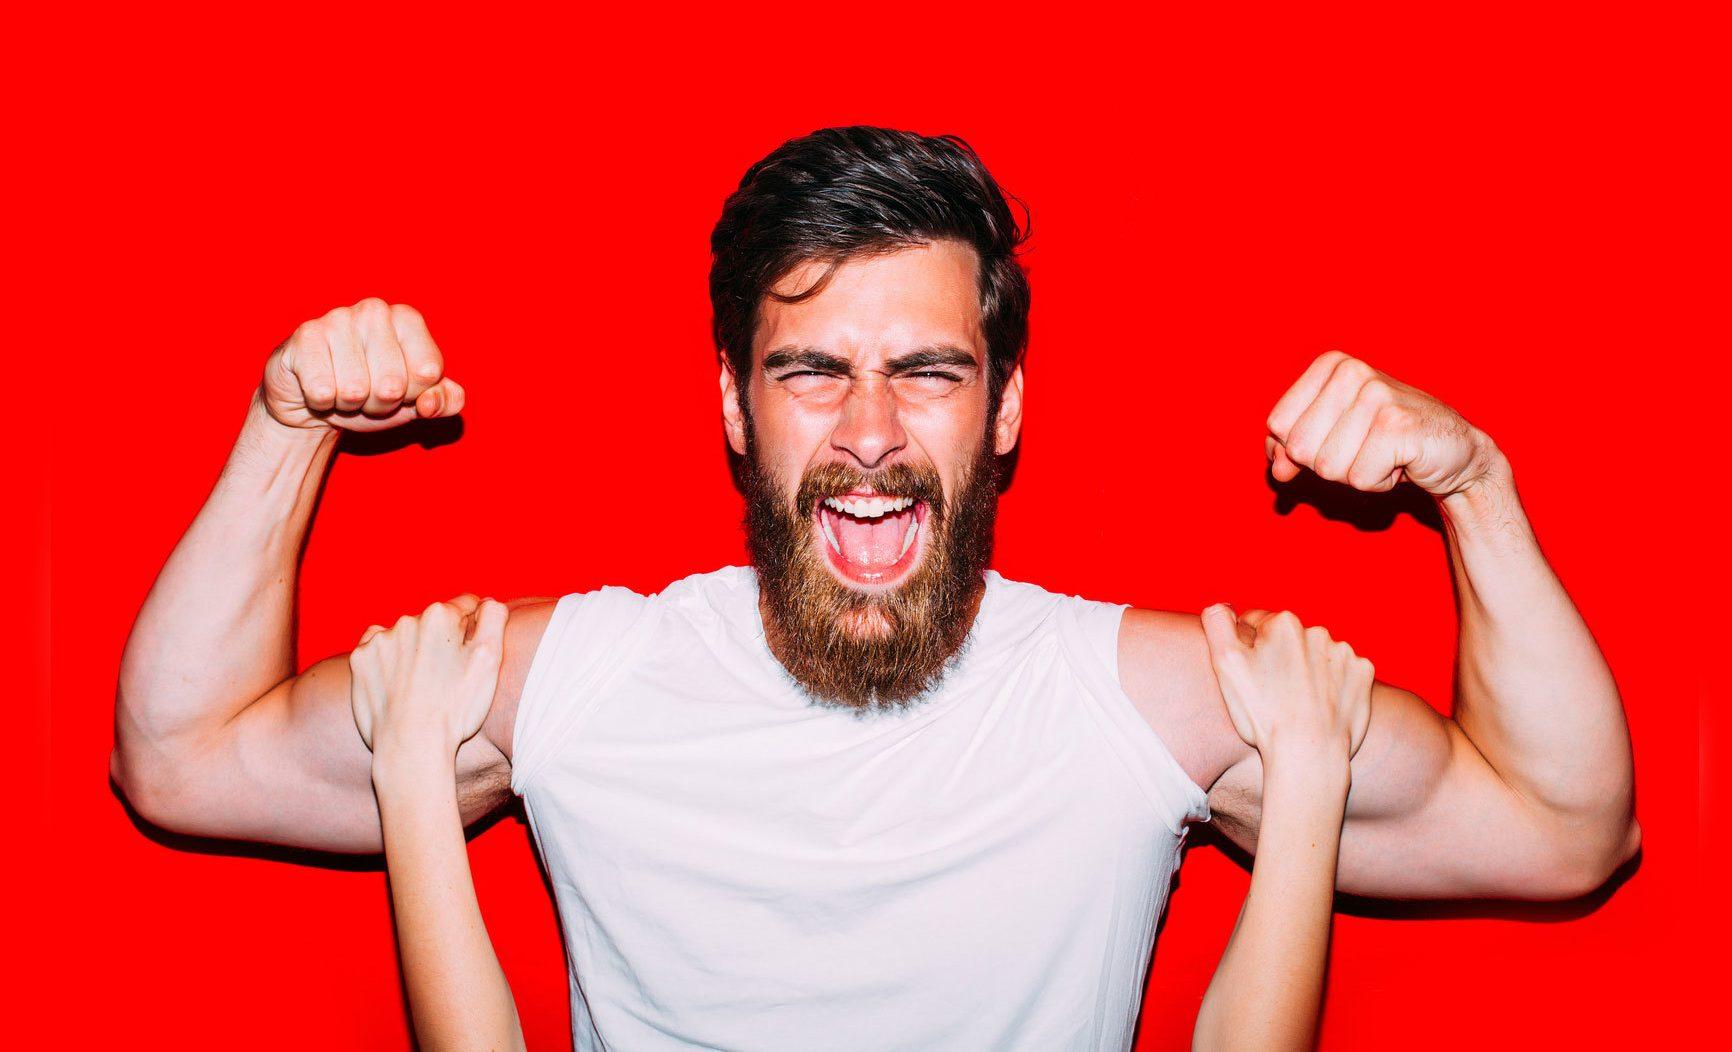 Çığır Açabilecek Buluş: Erkekler İçin Doğum Kontrolü! Sperm Sayısını Azaltan Jel Üretildi